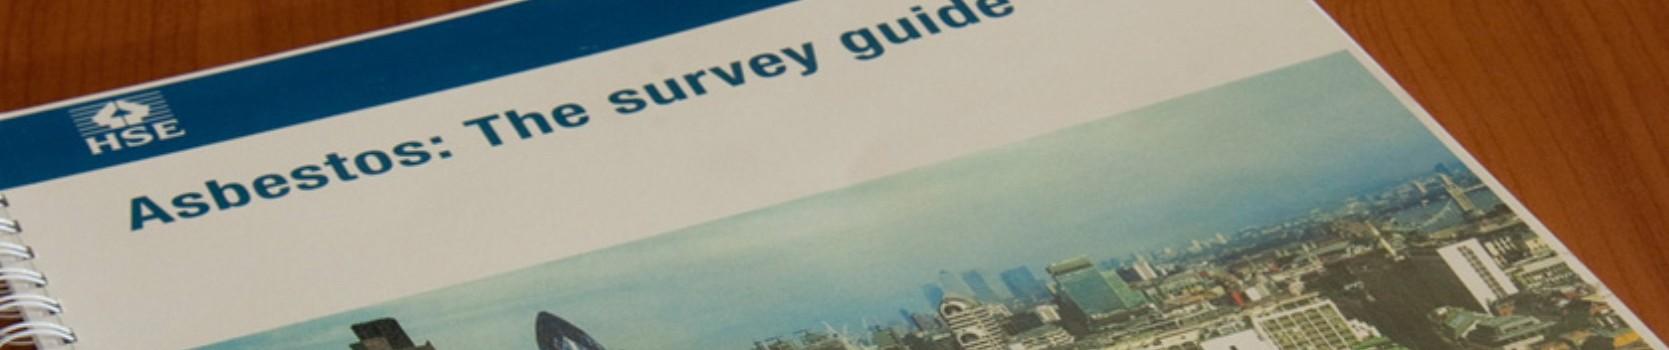 Asbestos survey guide